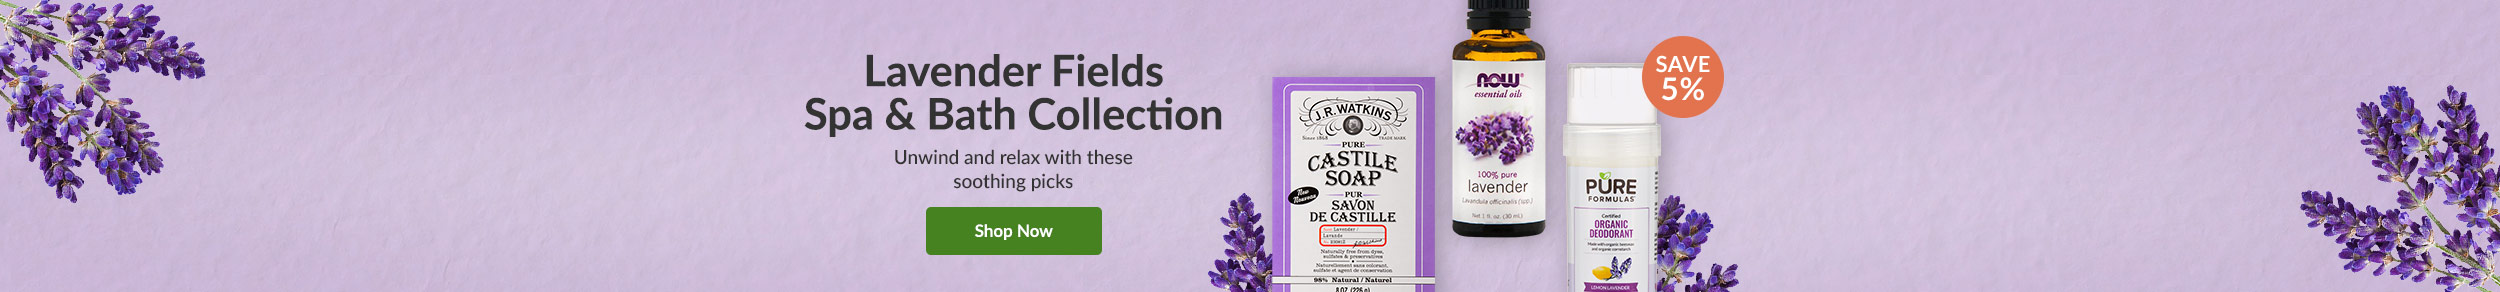 https://i3.pureformulas.net/images/static/Lavender-Fields-Spa-Bath-Collection_slide3_061918.jpg